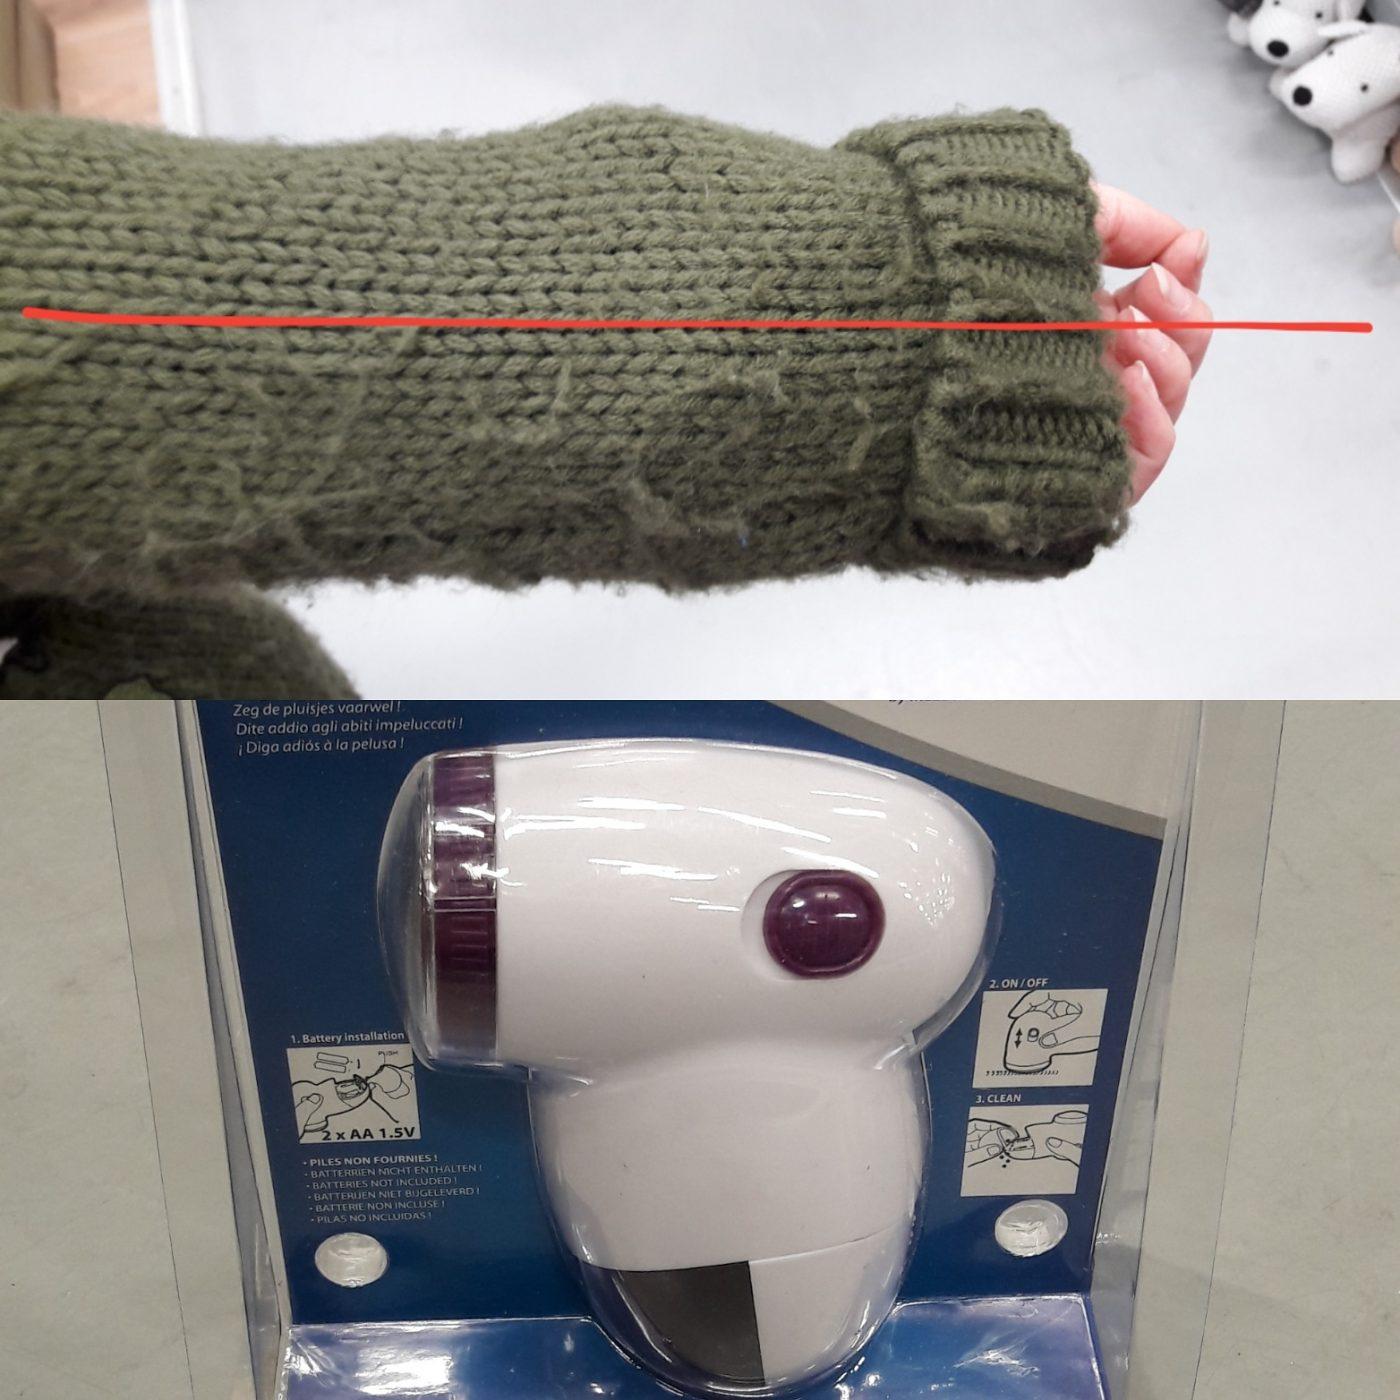 J'ai testé pour vous rasoir lainage de chez Mondex